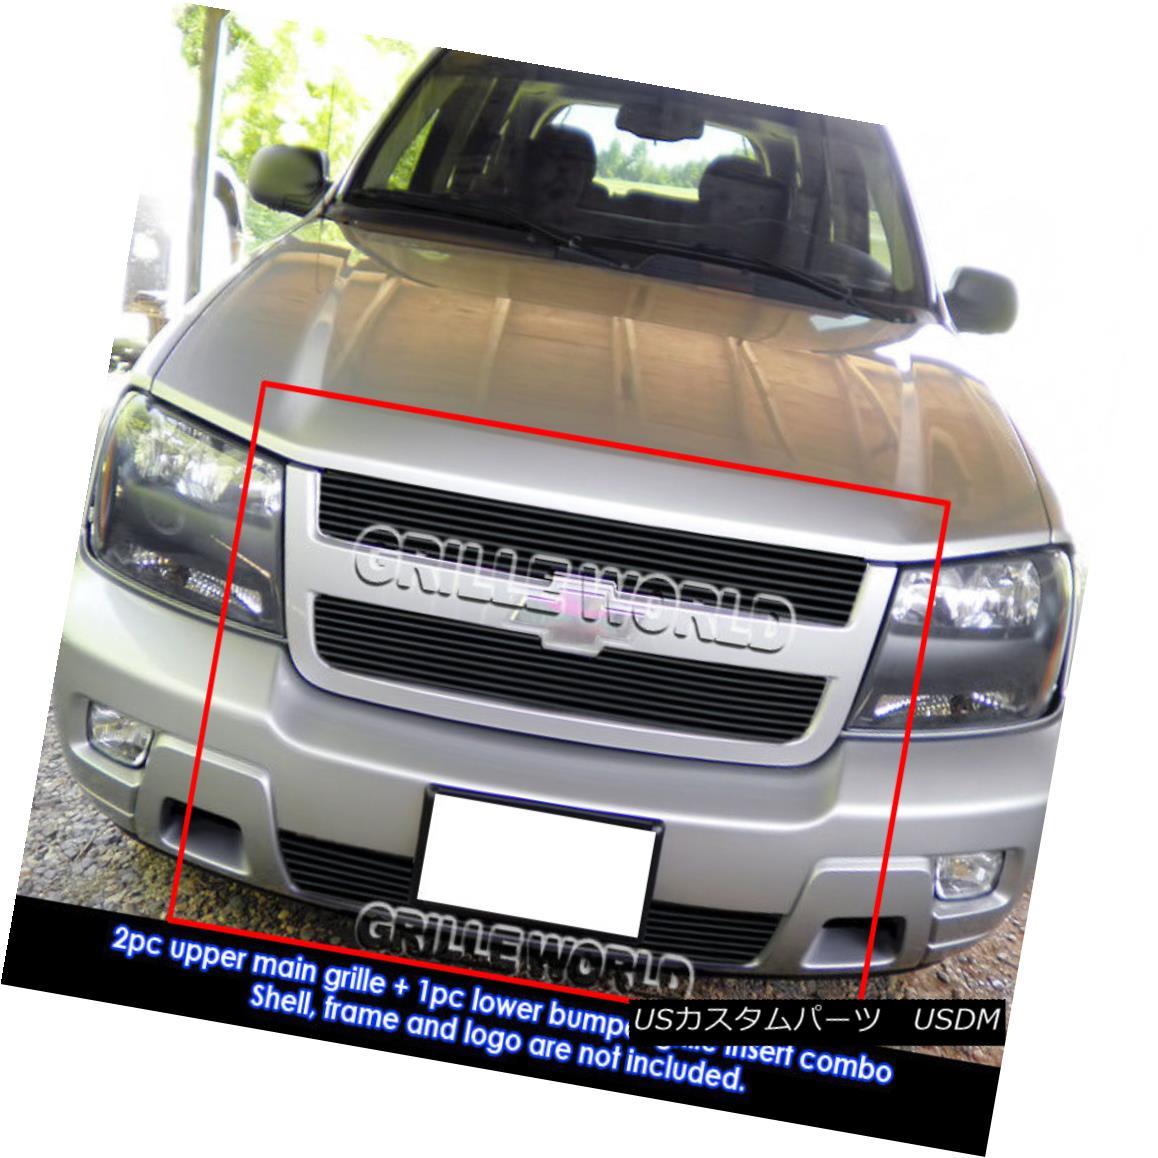 グリル For 2006-2009 Chevy Trailblazer LT Black Billet Grille Grill Combo Insert 2006-2009シボレートレイルブレイザーLTブラックビレットグリルグリルコンボインサート